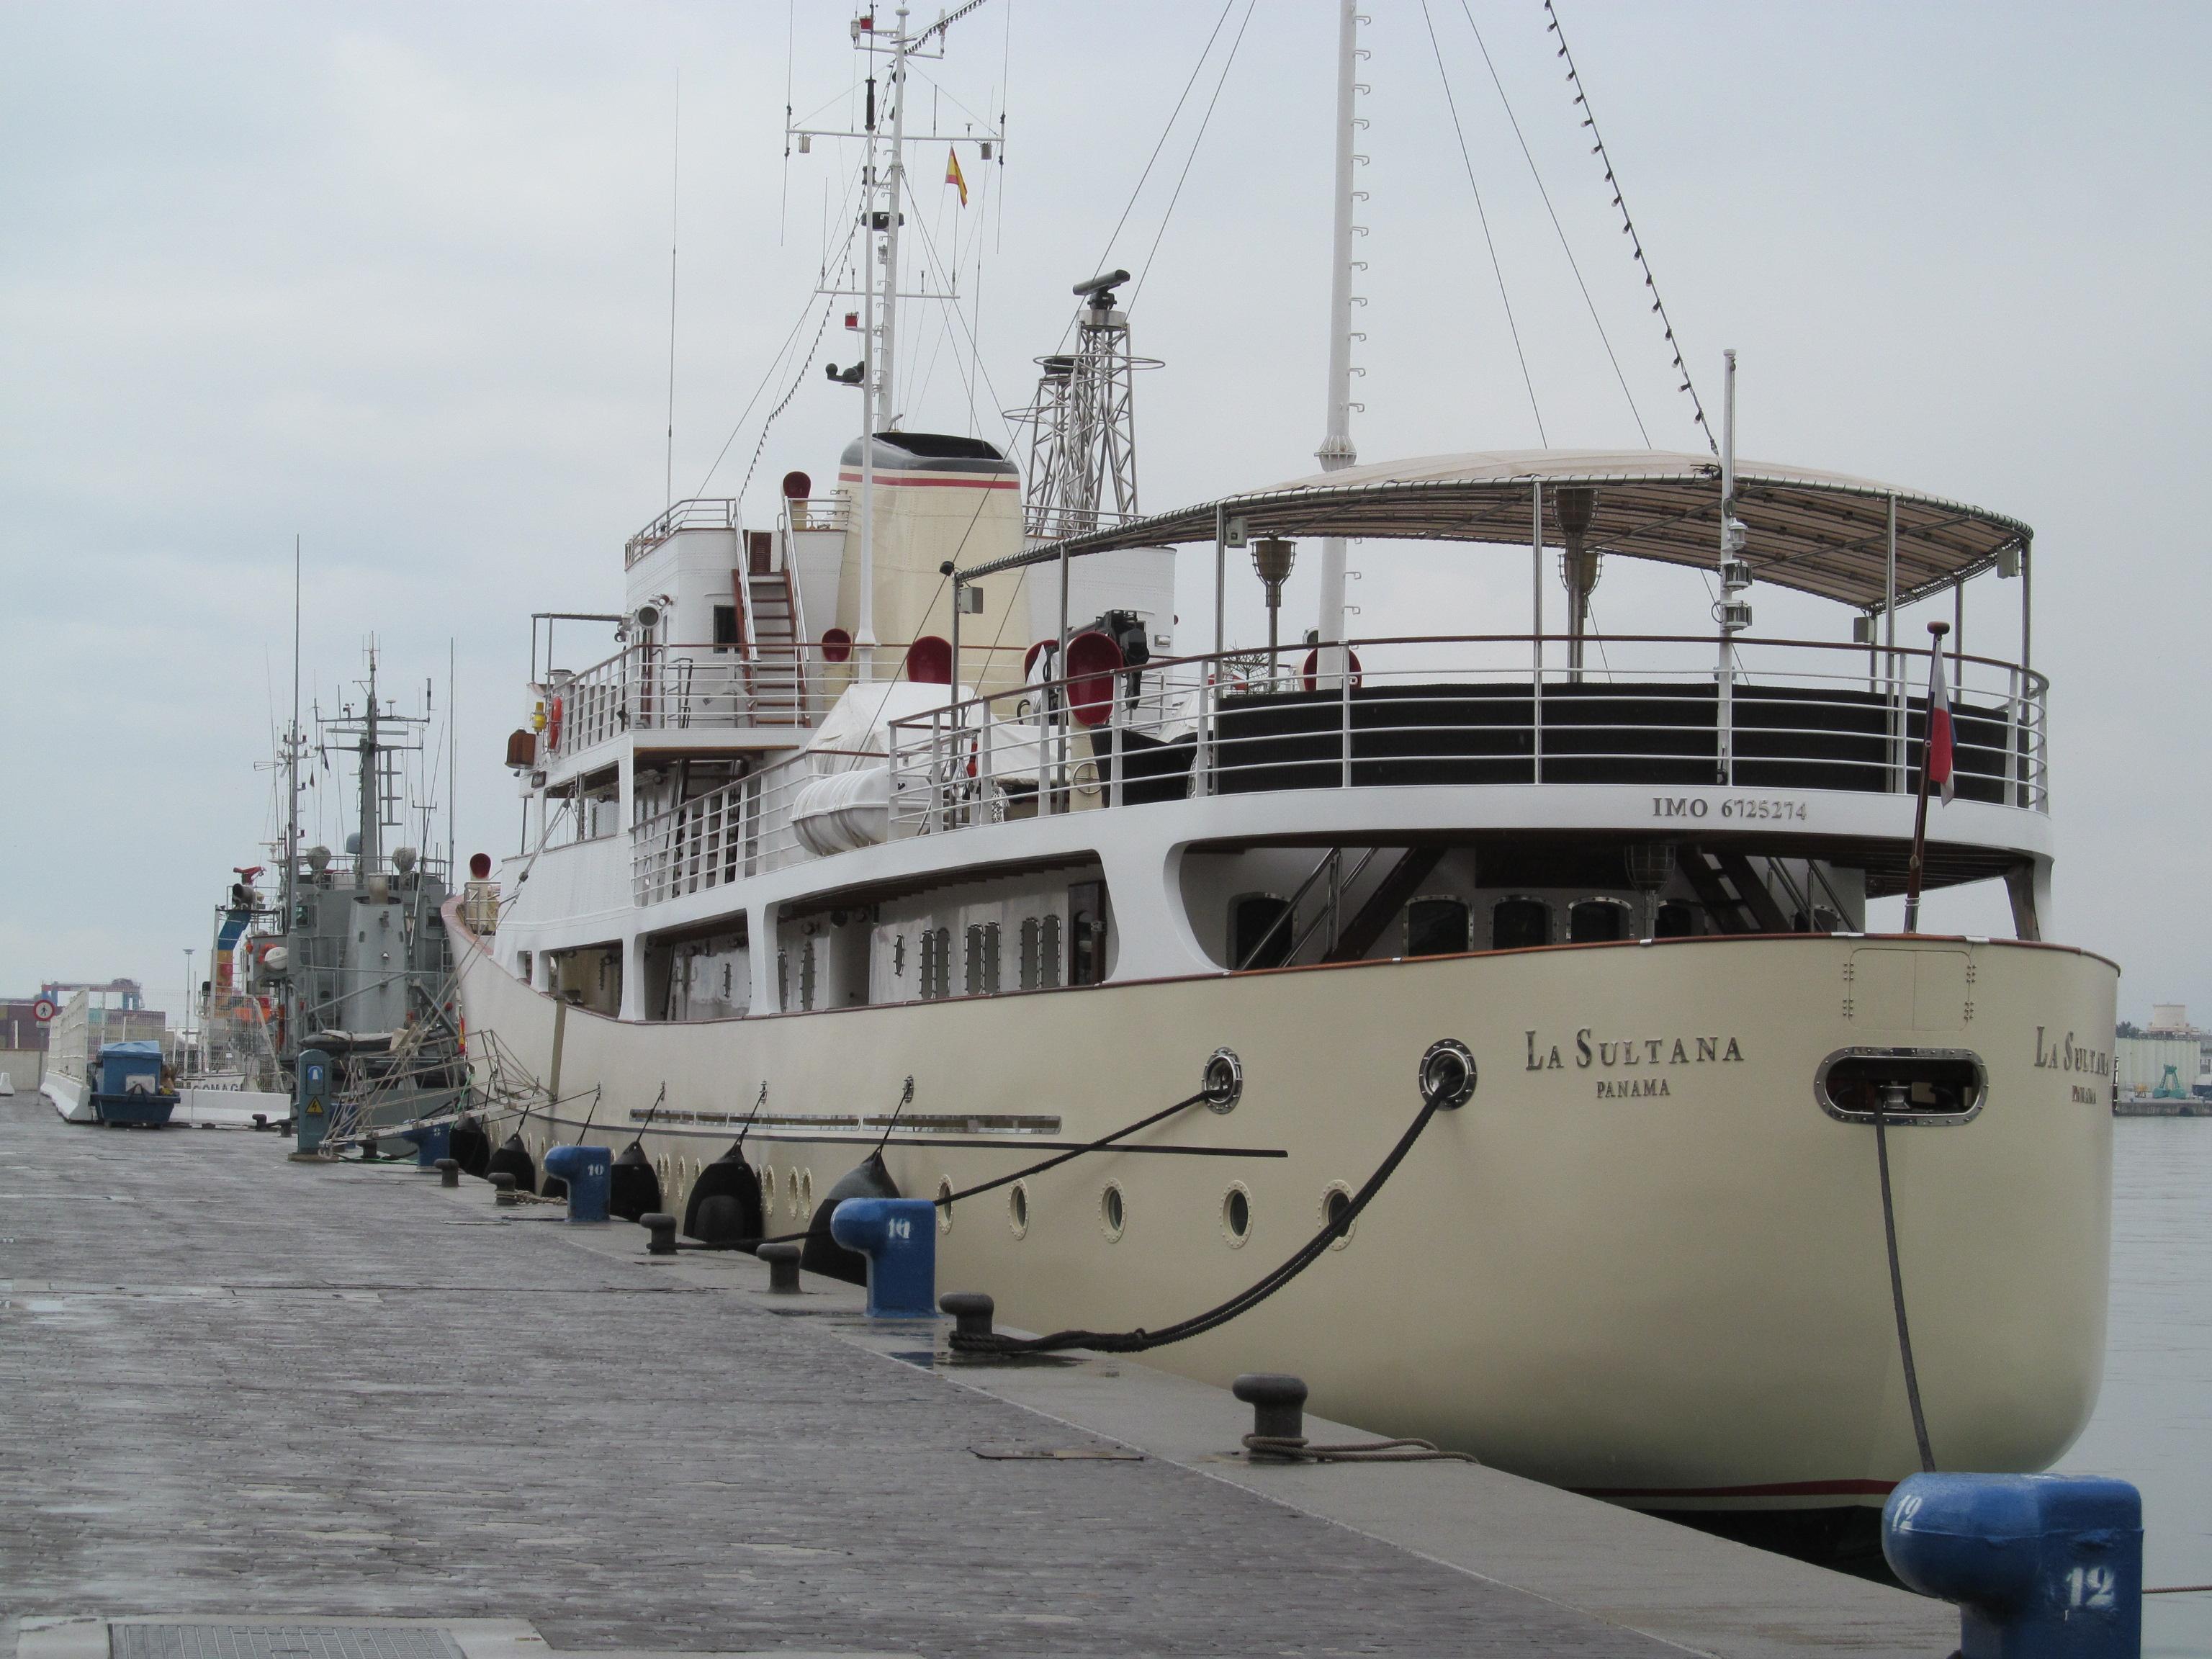 La_Sultana_Yacht,_in_Málaga